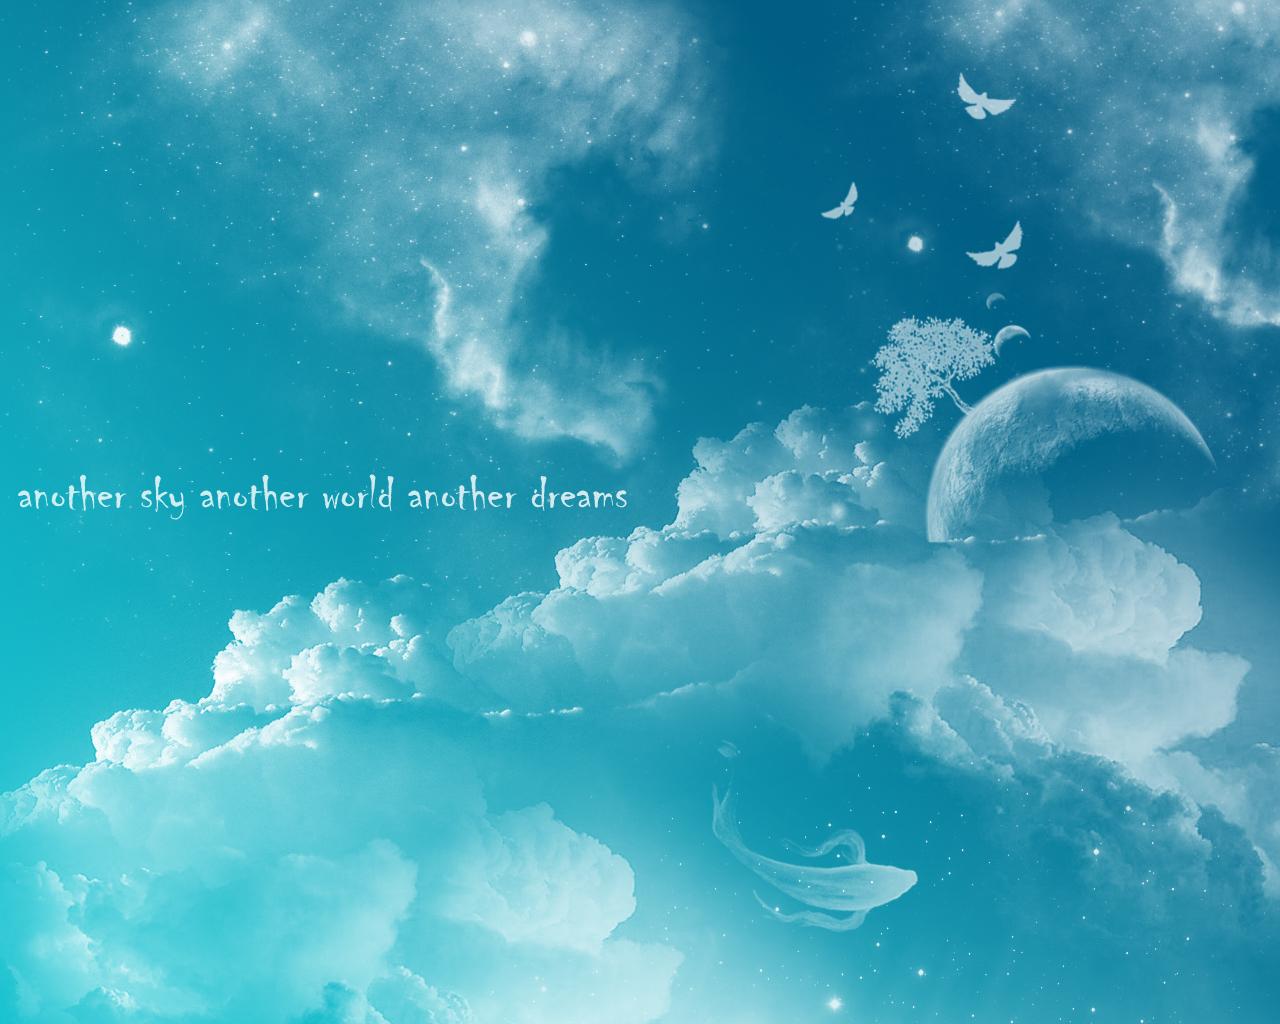 небо, птицы, облака, скачать обои для рабочего стола